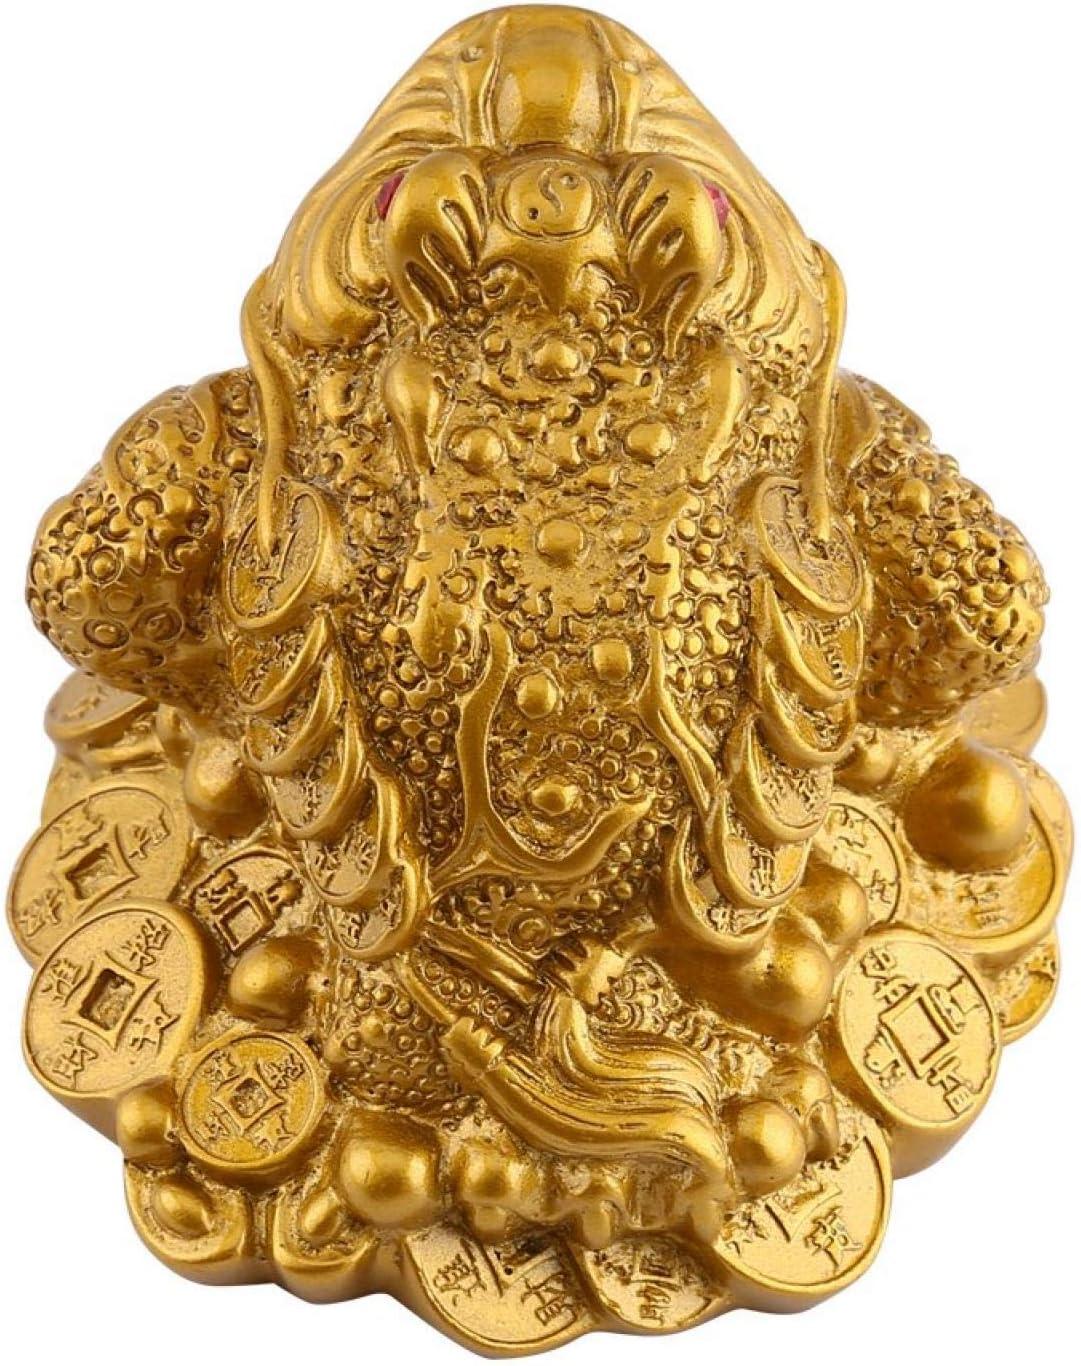 decoraci/ón de la Oficina en el hogar Cobre de imitaci/ón Buen Regalo de la Suerte sapos de Monedas BIKING Ranas de Dinero Ranas de Dinero de la Suerte fengs Chinos Shui Riqueza